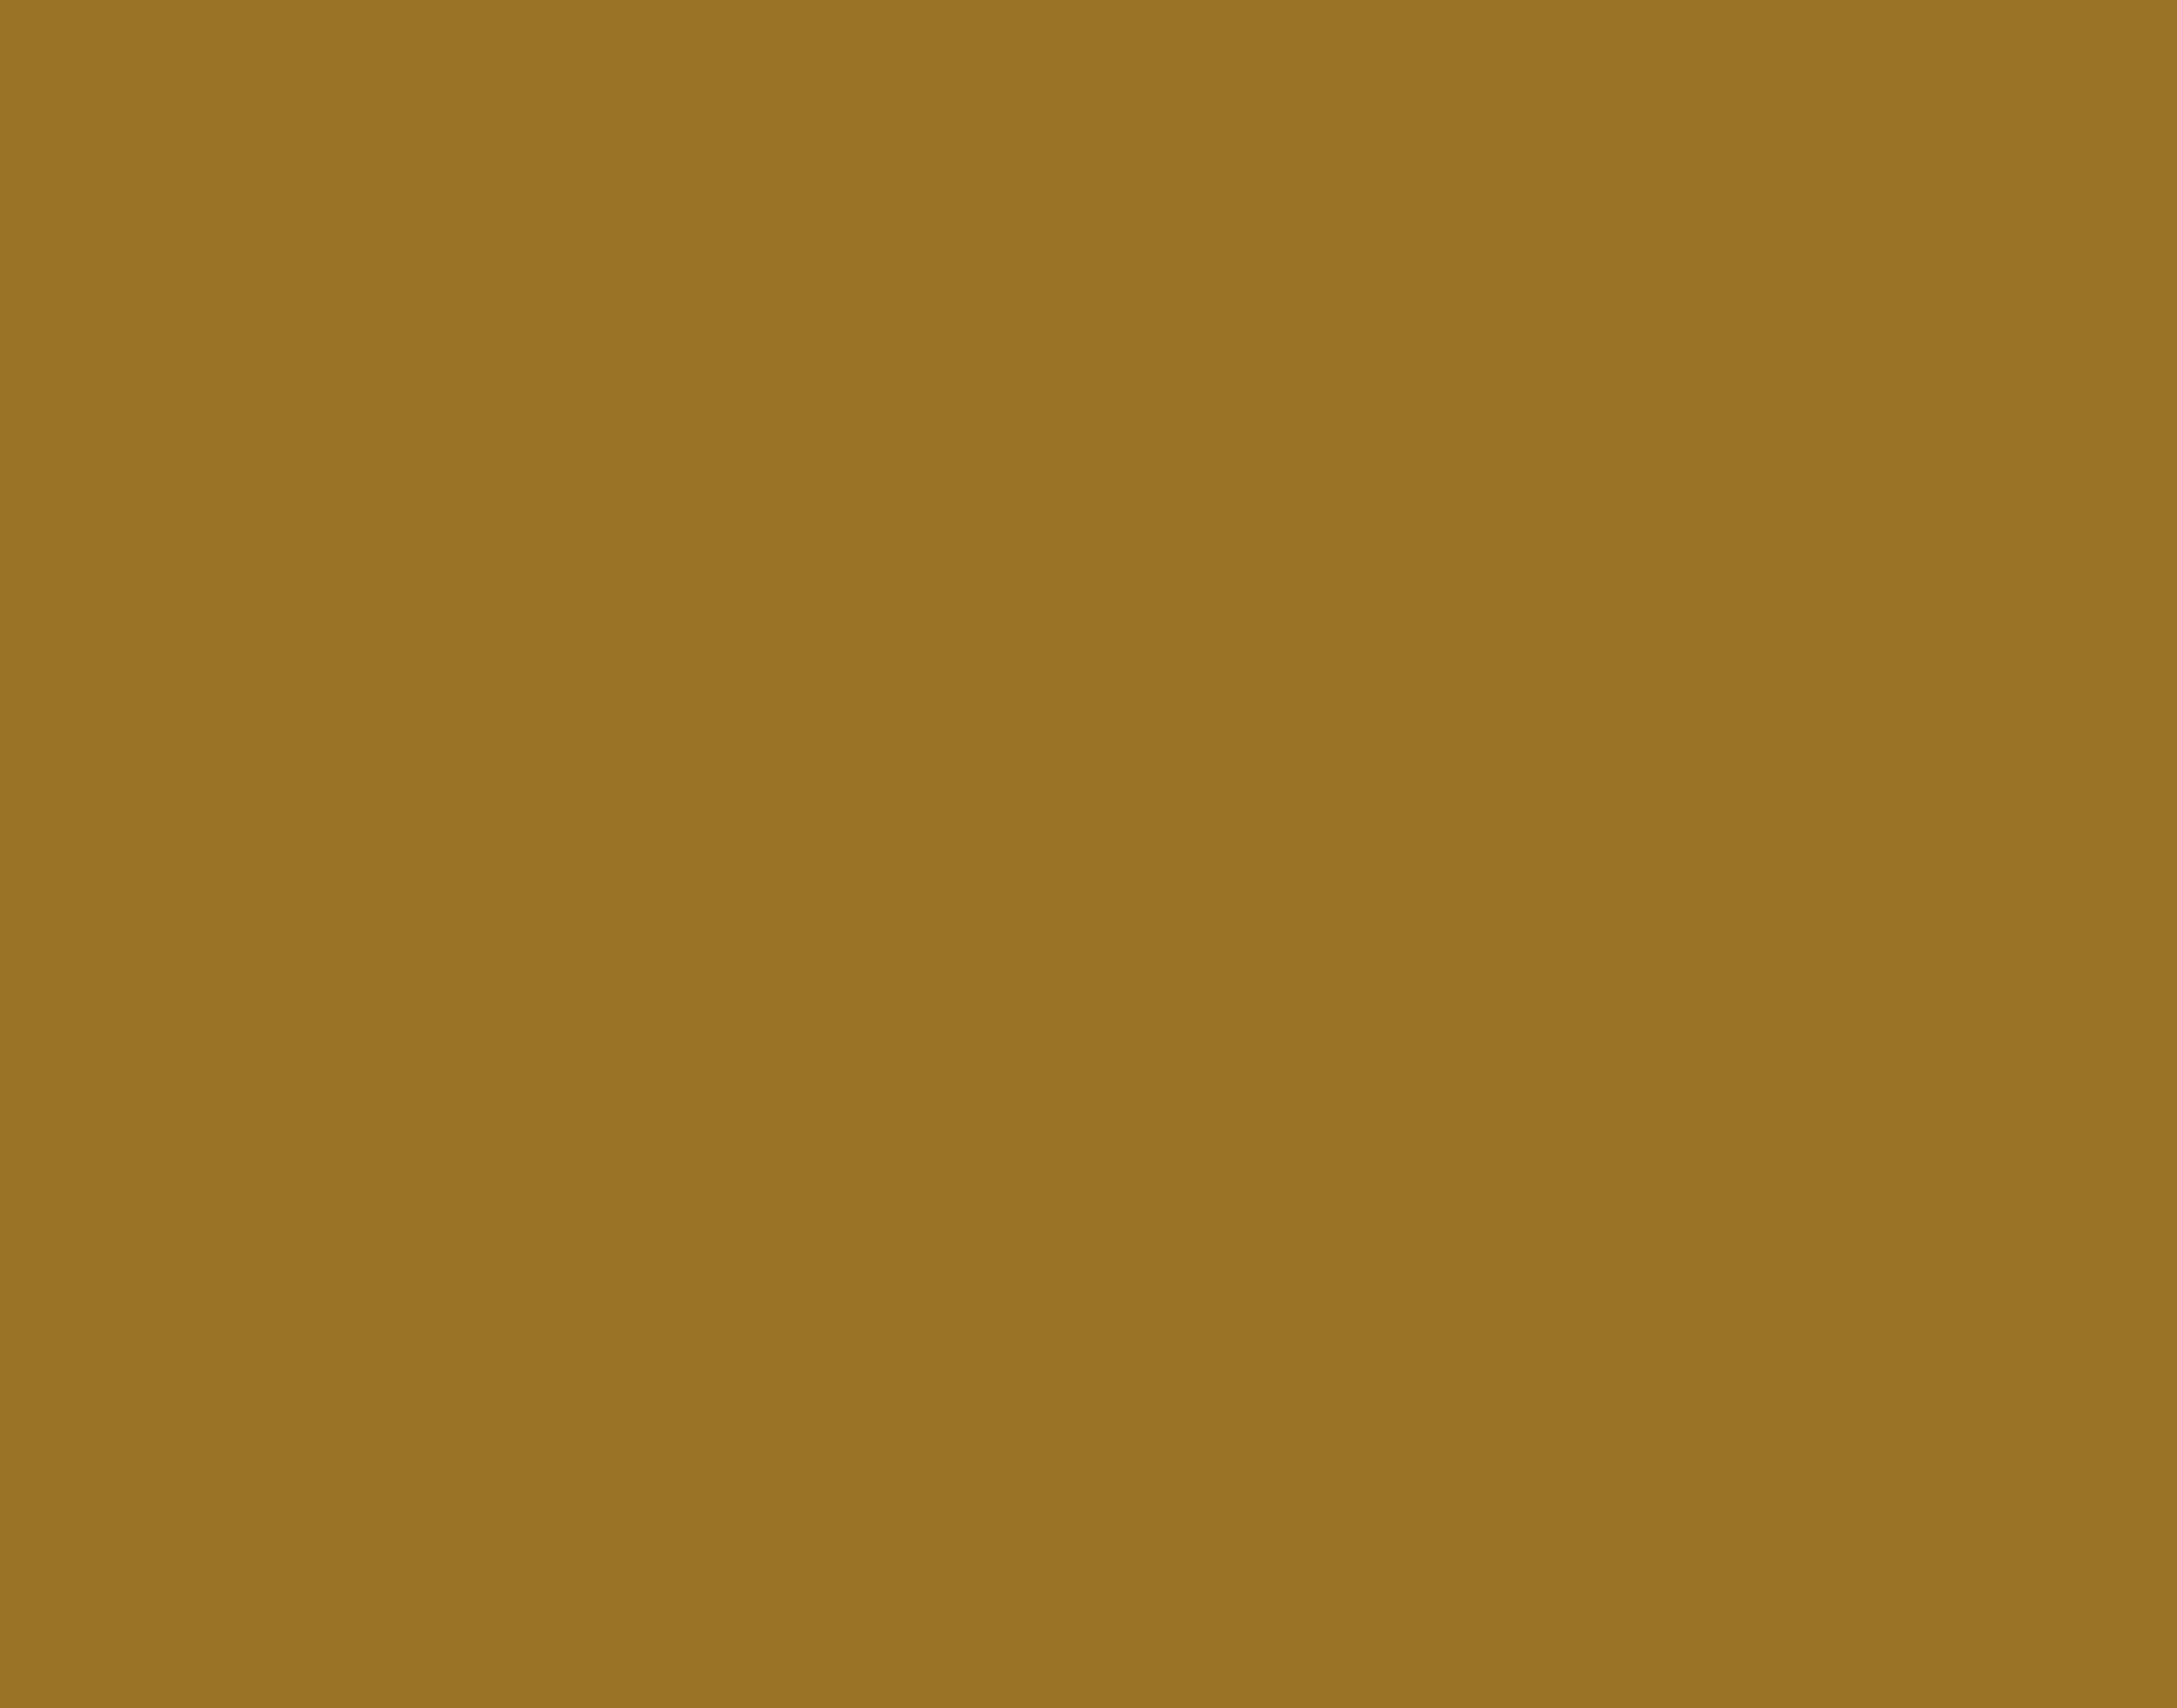 emailbgold